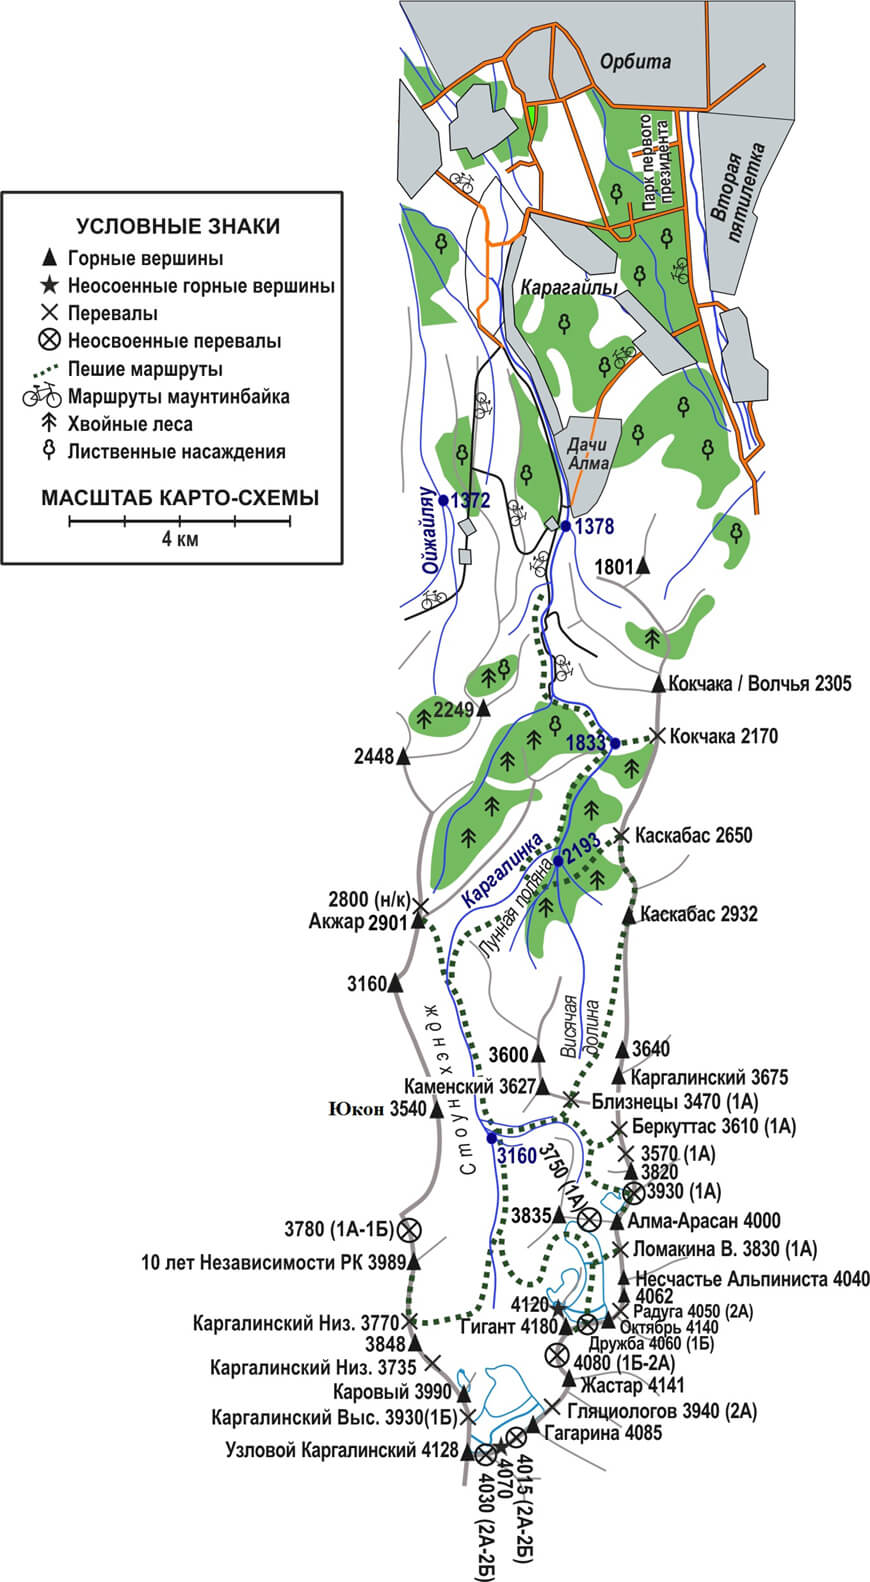 Туристская карта Каргалинского ущелья